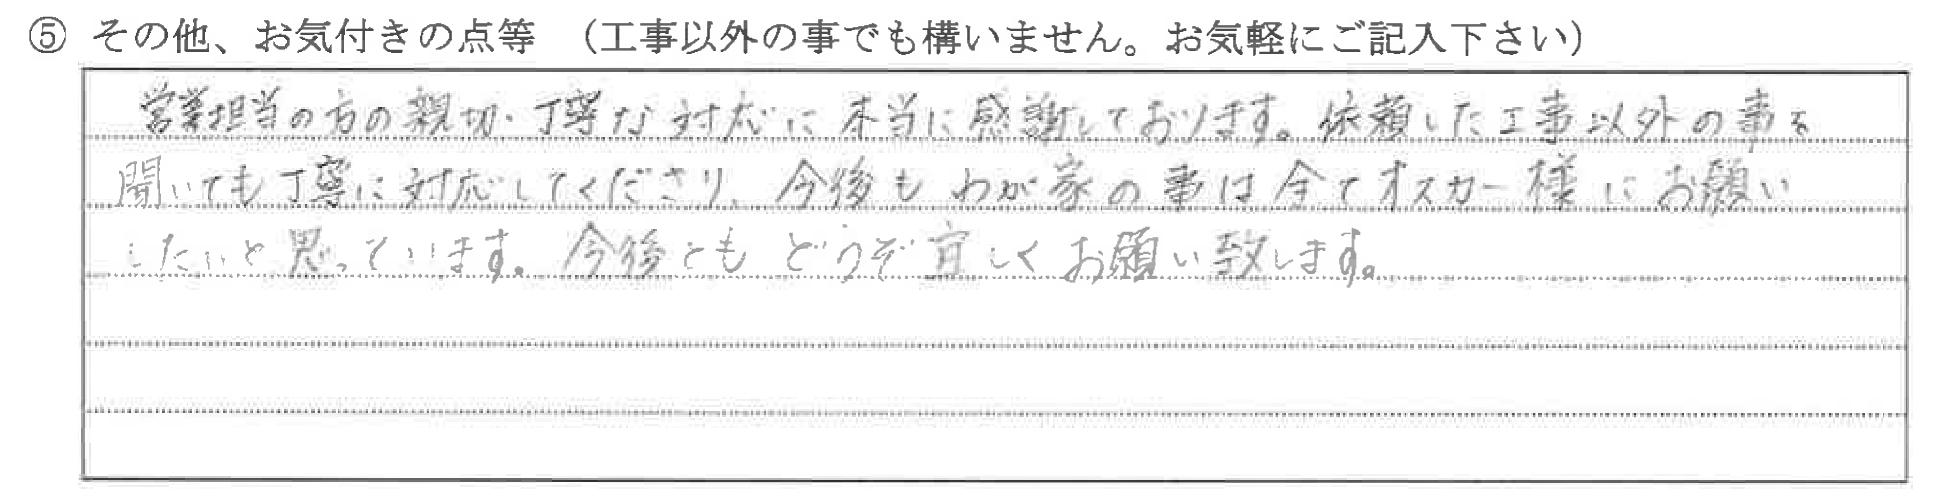 新潟県上越市K様に頂いた給気口交換についてのお気づきの点がありましたら、お聞かせ下さい。というご質問について「給気口交換」というお声についての画像